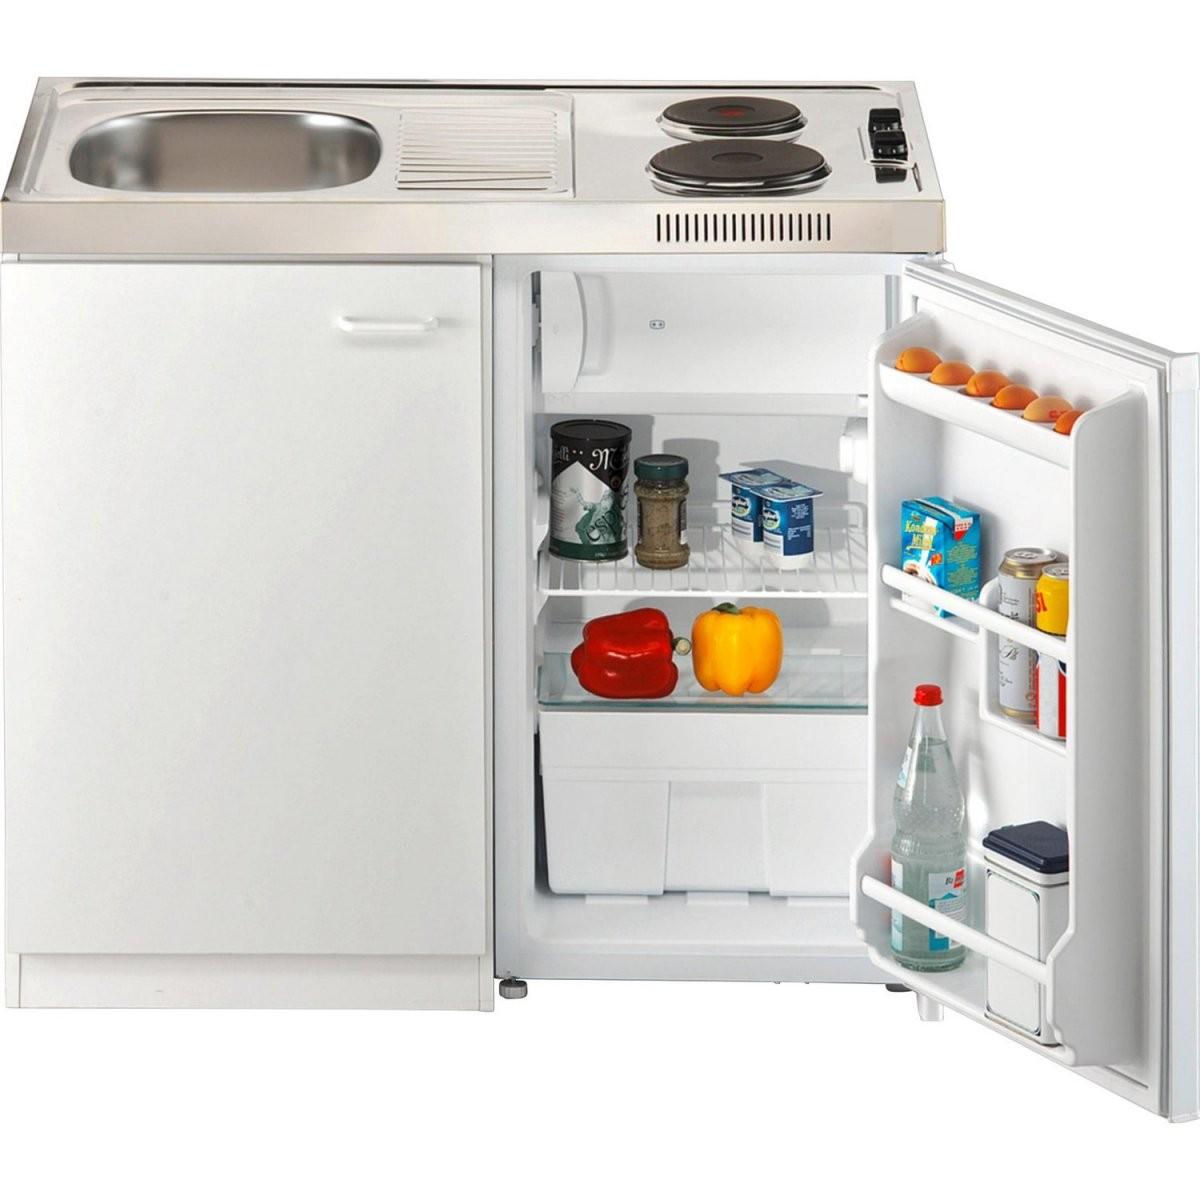 Respekta Miniküche Pantry 100S 100 Cm Weiß Kaufen Bei Obi von Pantryküche 100 Cm Mit Kühlschrank Photo